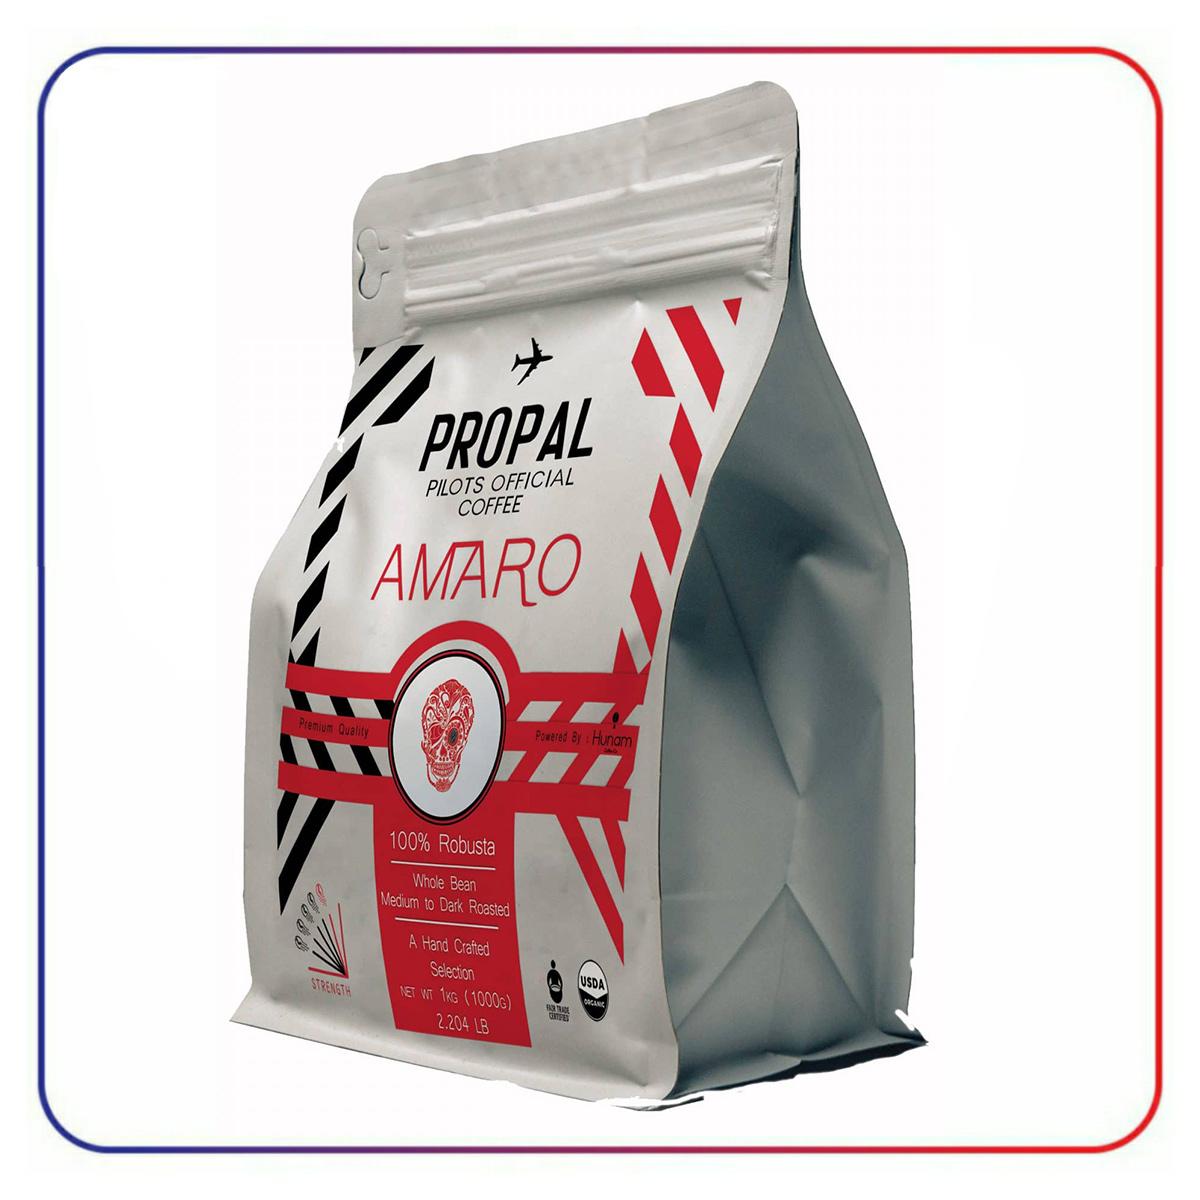 دانه قهوه پروپل آمارو propal Amaro